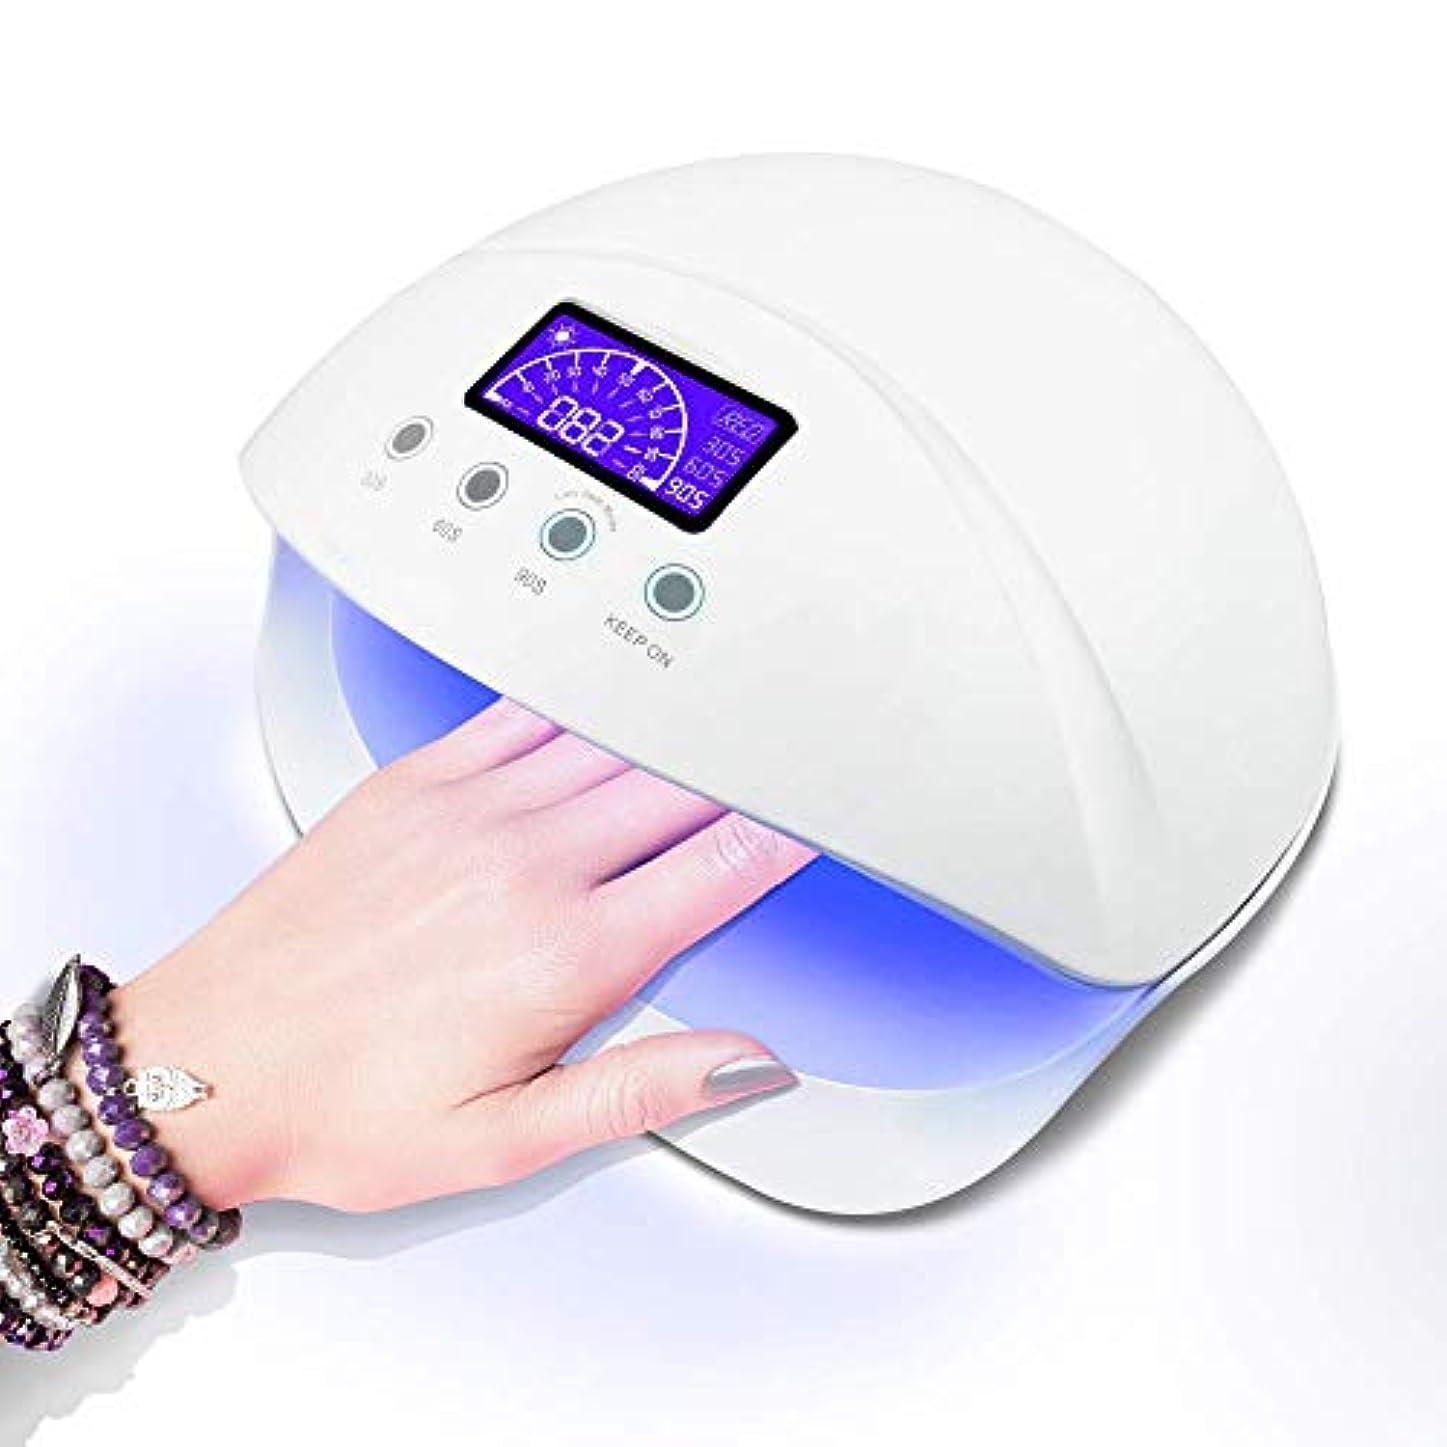 再生可能無一文フィードオンLED ネイルドライヤー UVネイルライトハイパワー ジェルネイルライト 肌をケア